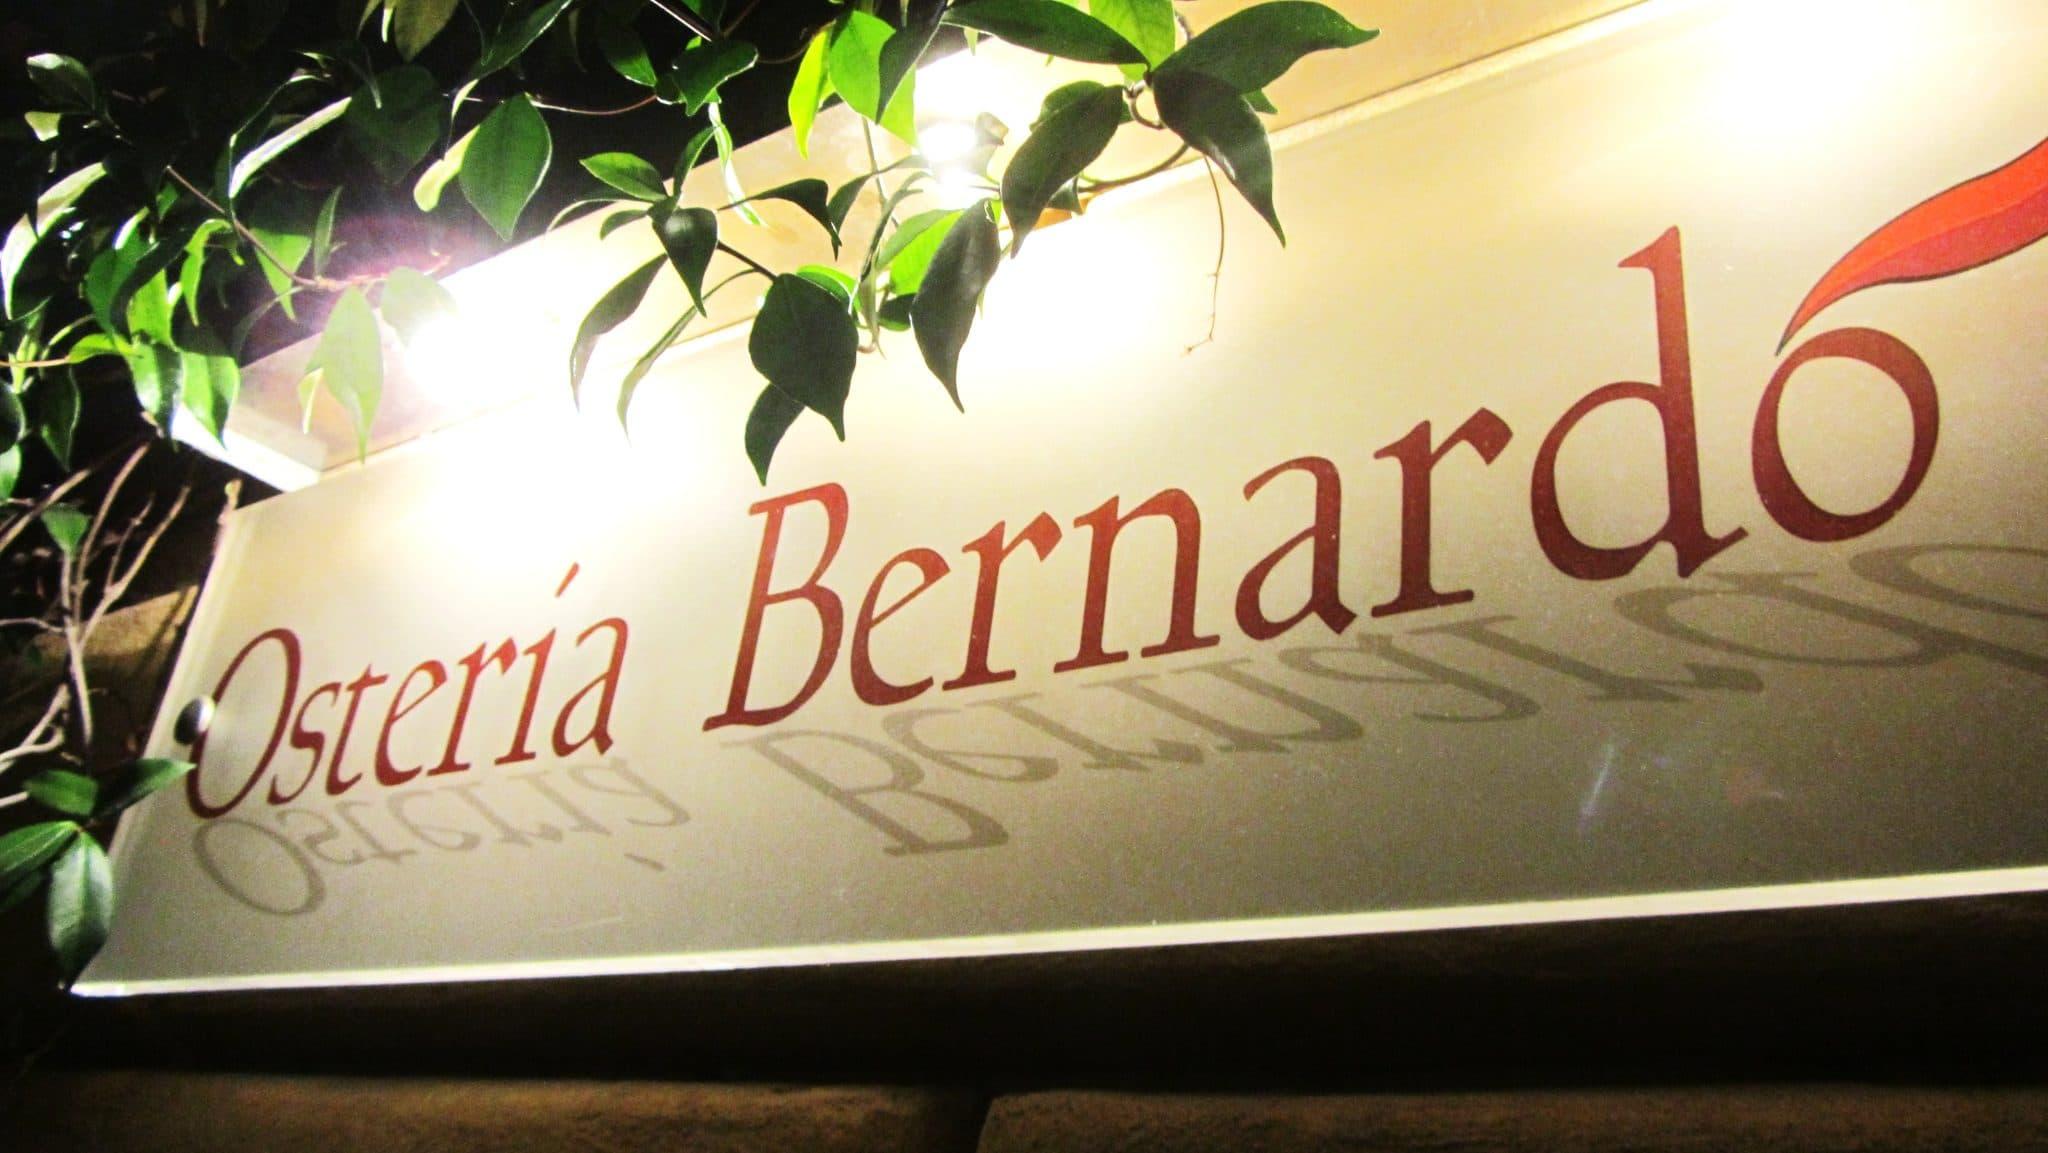 Osteria Bernardo Pisa